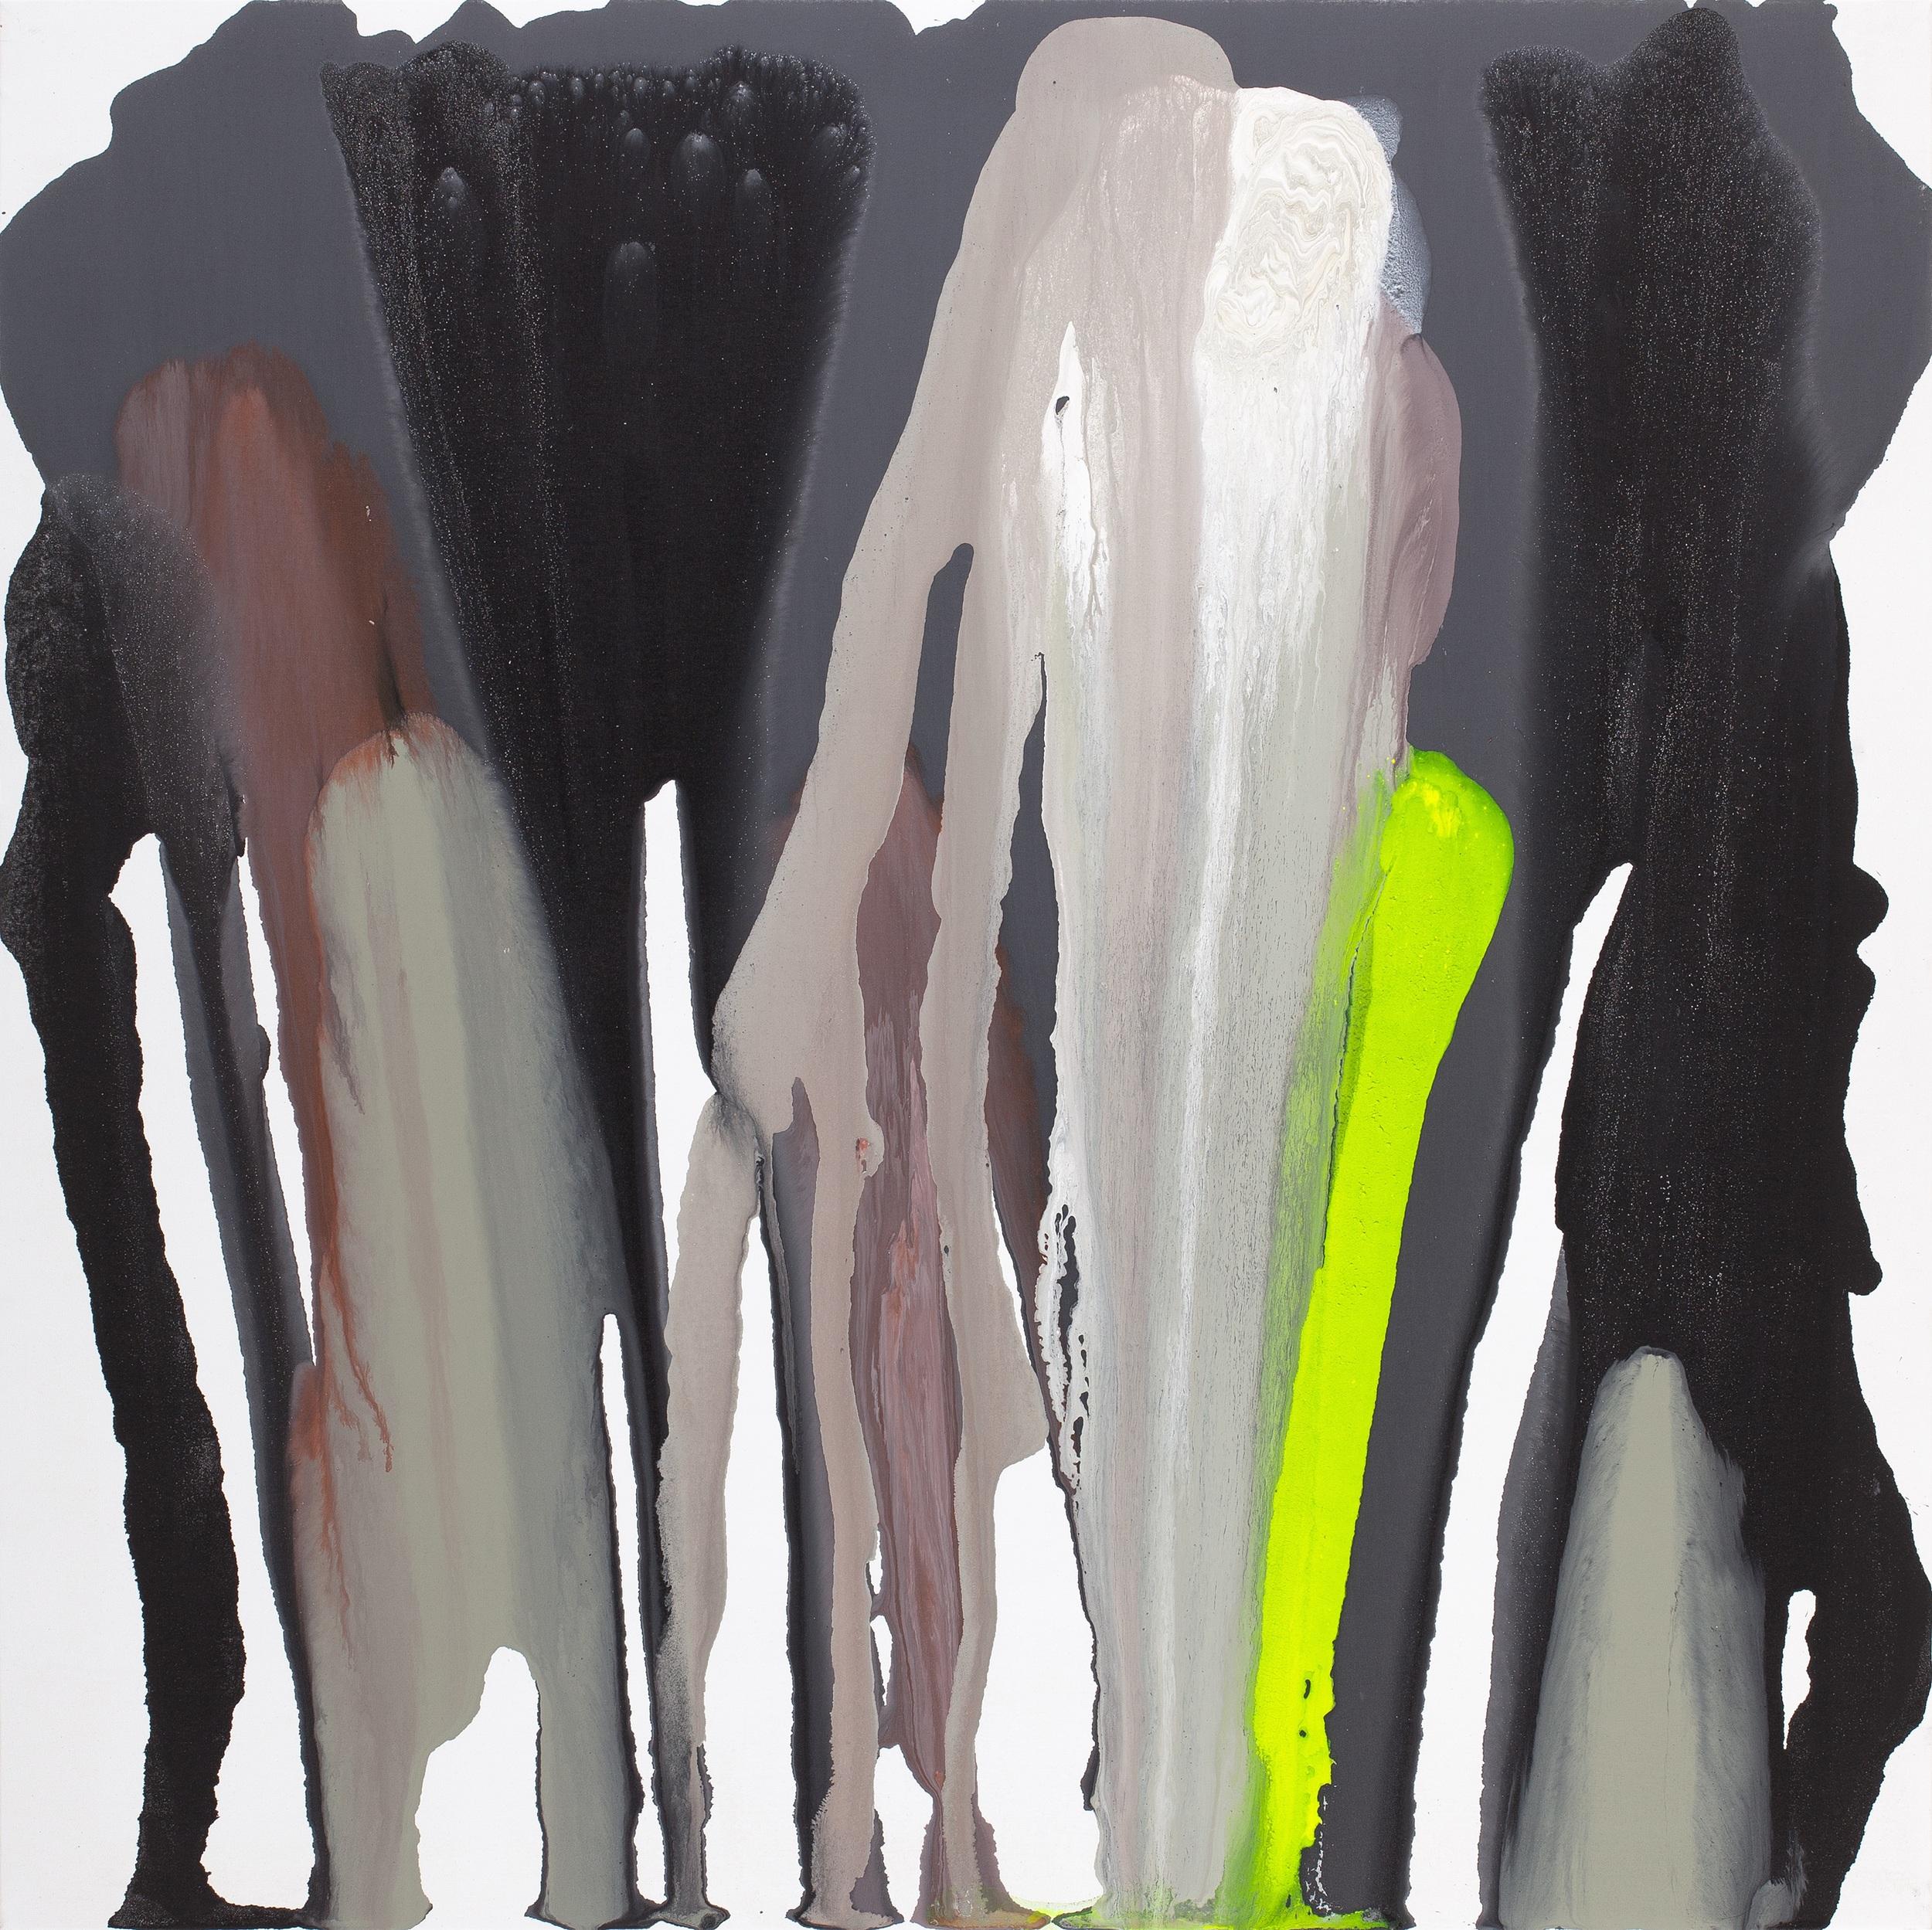 fall_09  acrylic on canvas  130 cm X 130 cm  2012